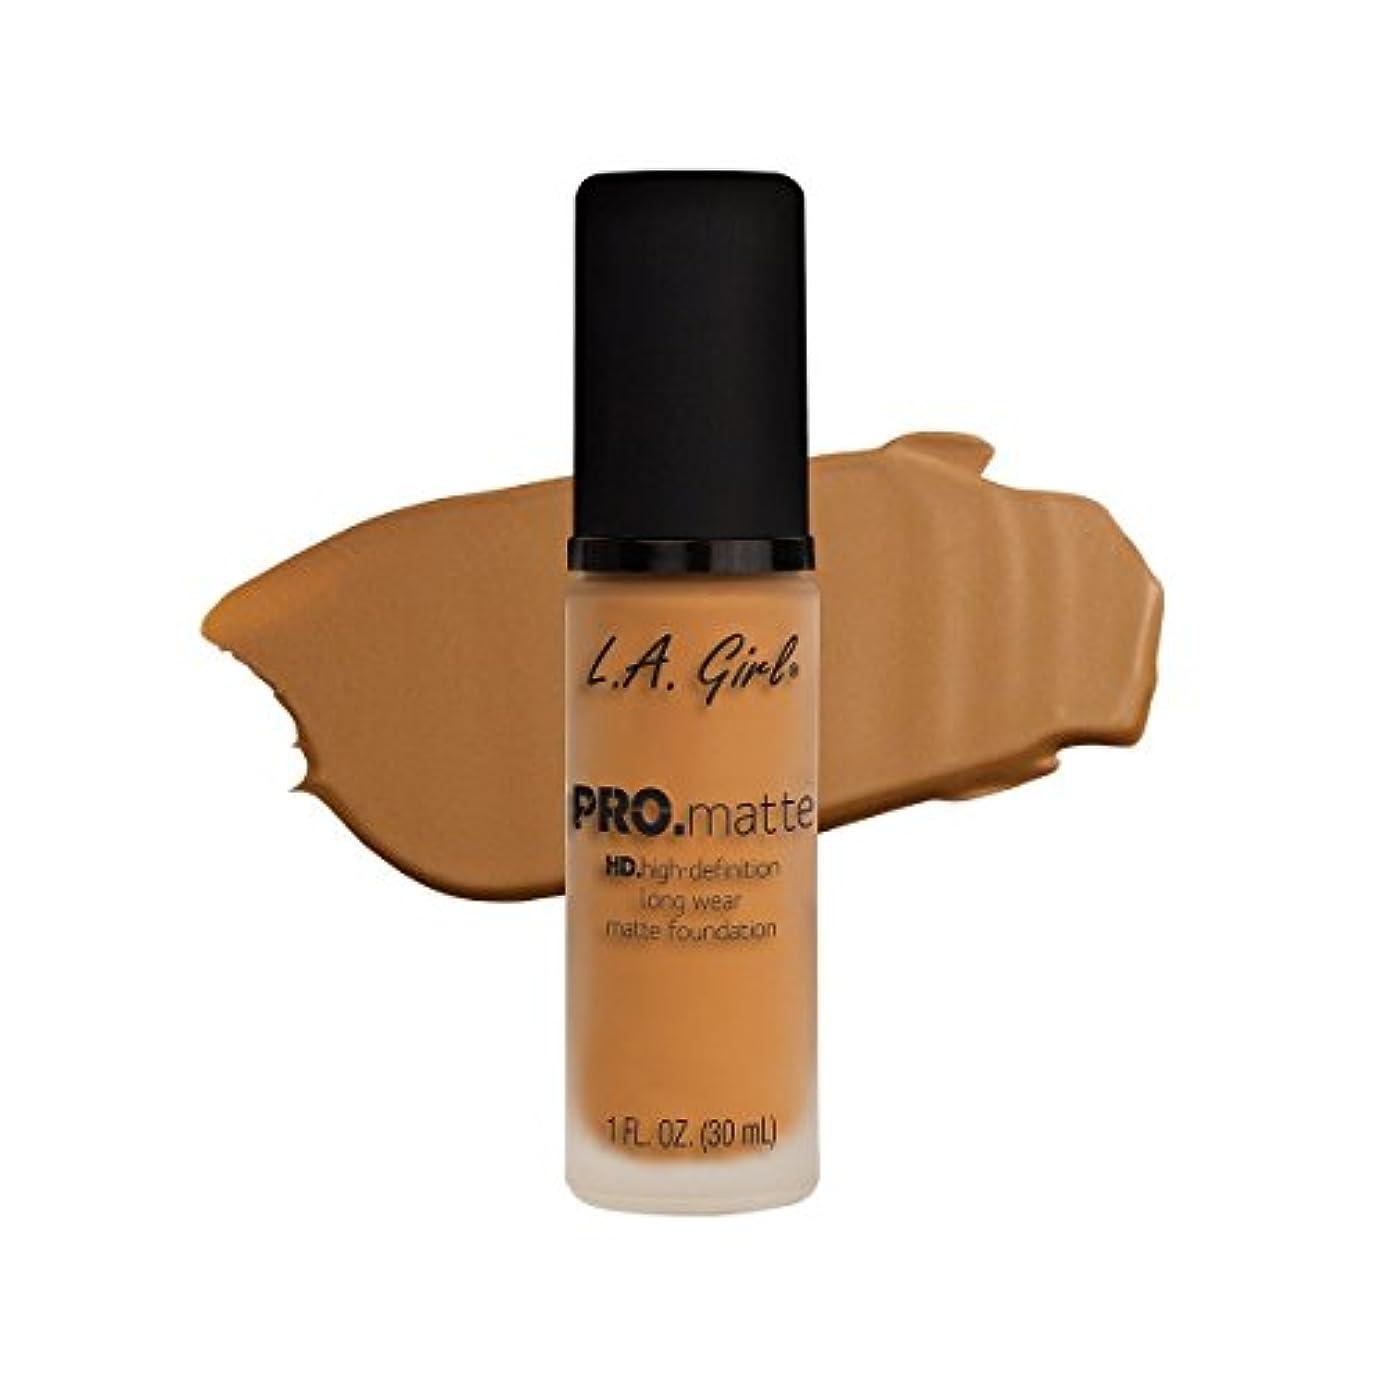 リハーサル精緻化バング(3 Pack) L.A. GIRL Pro Matte Foundation - Golden Bronze (並行輸入品)